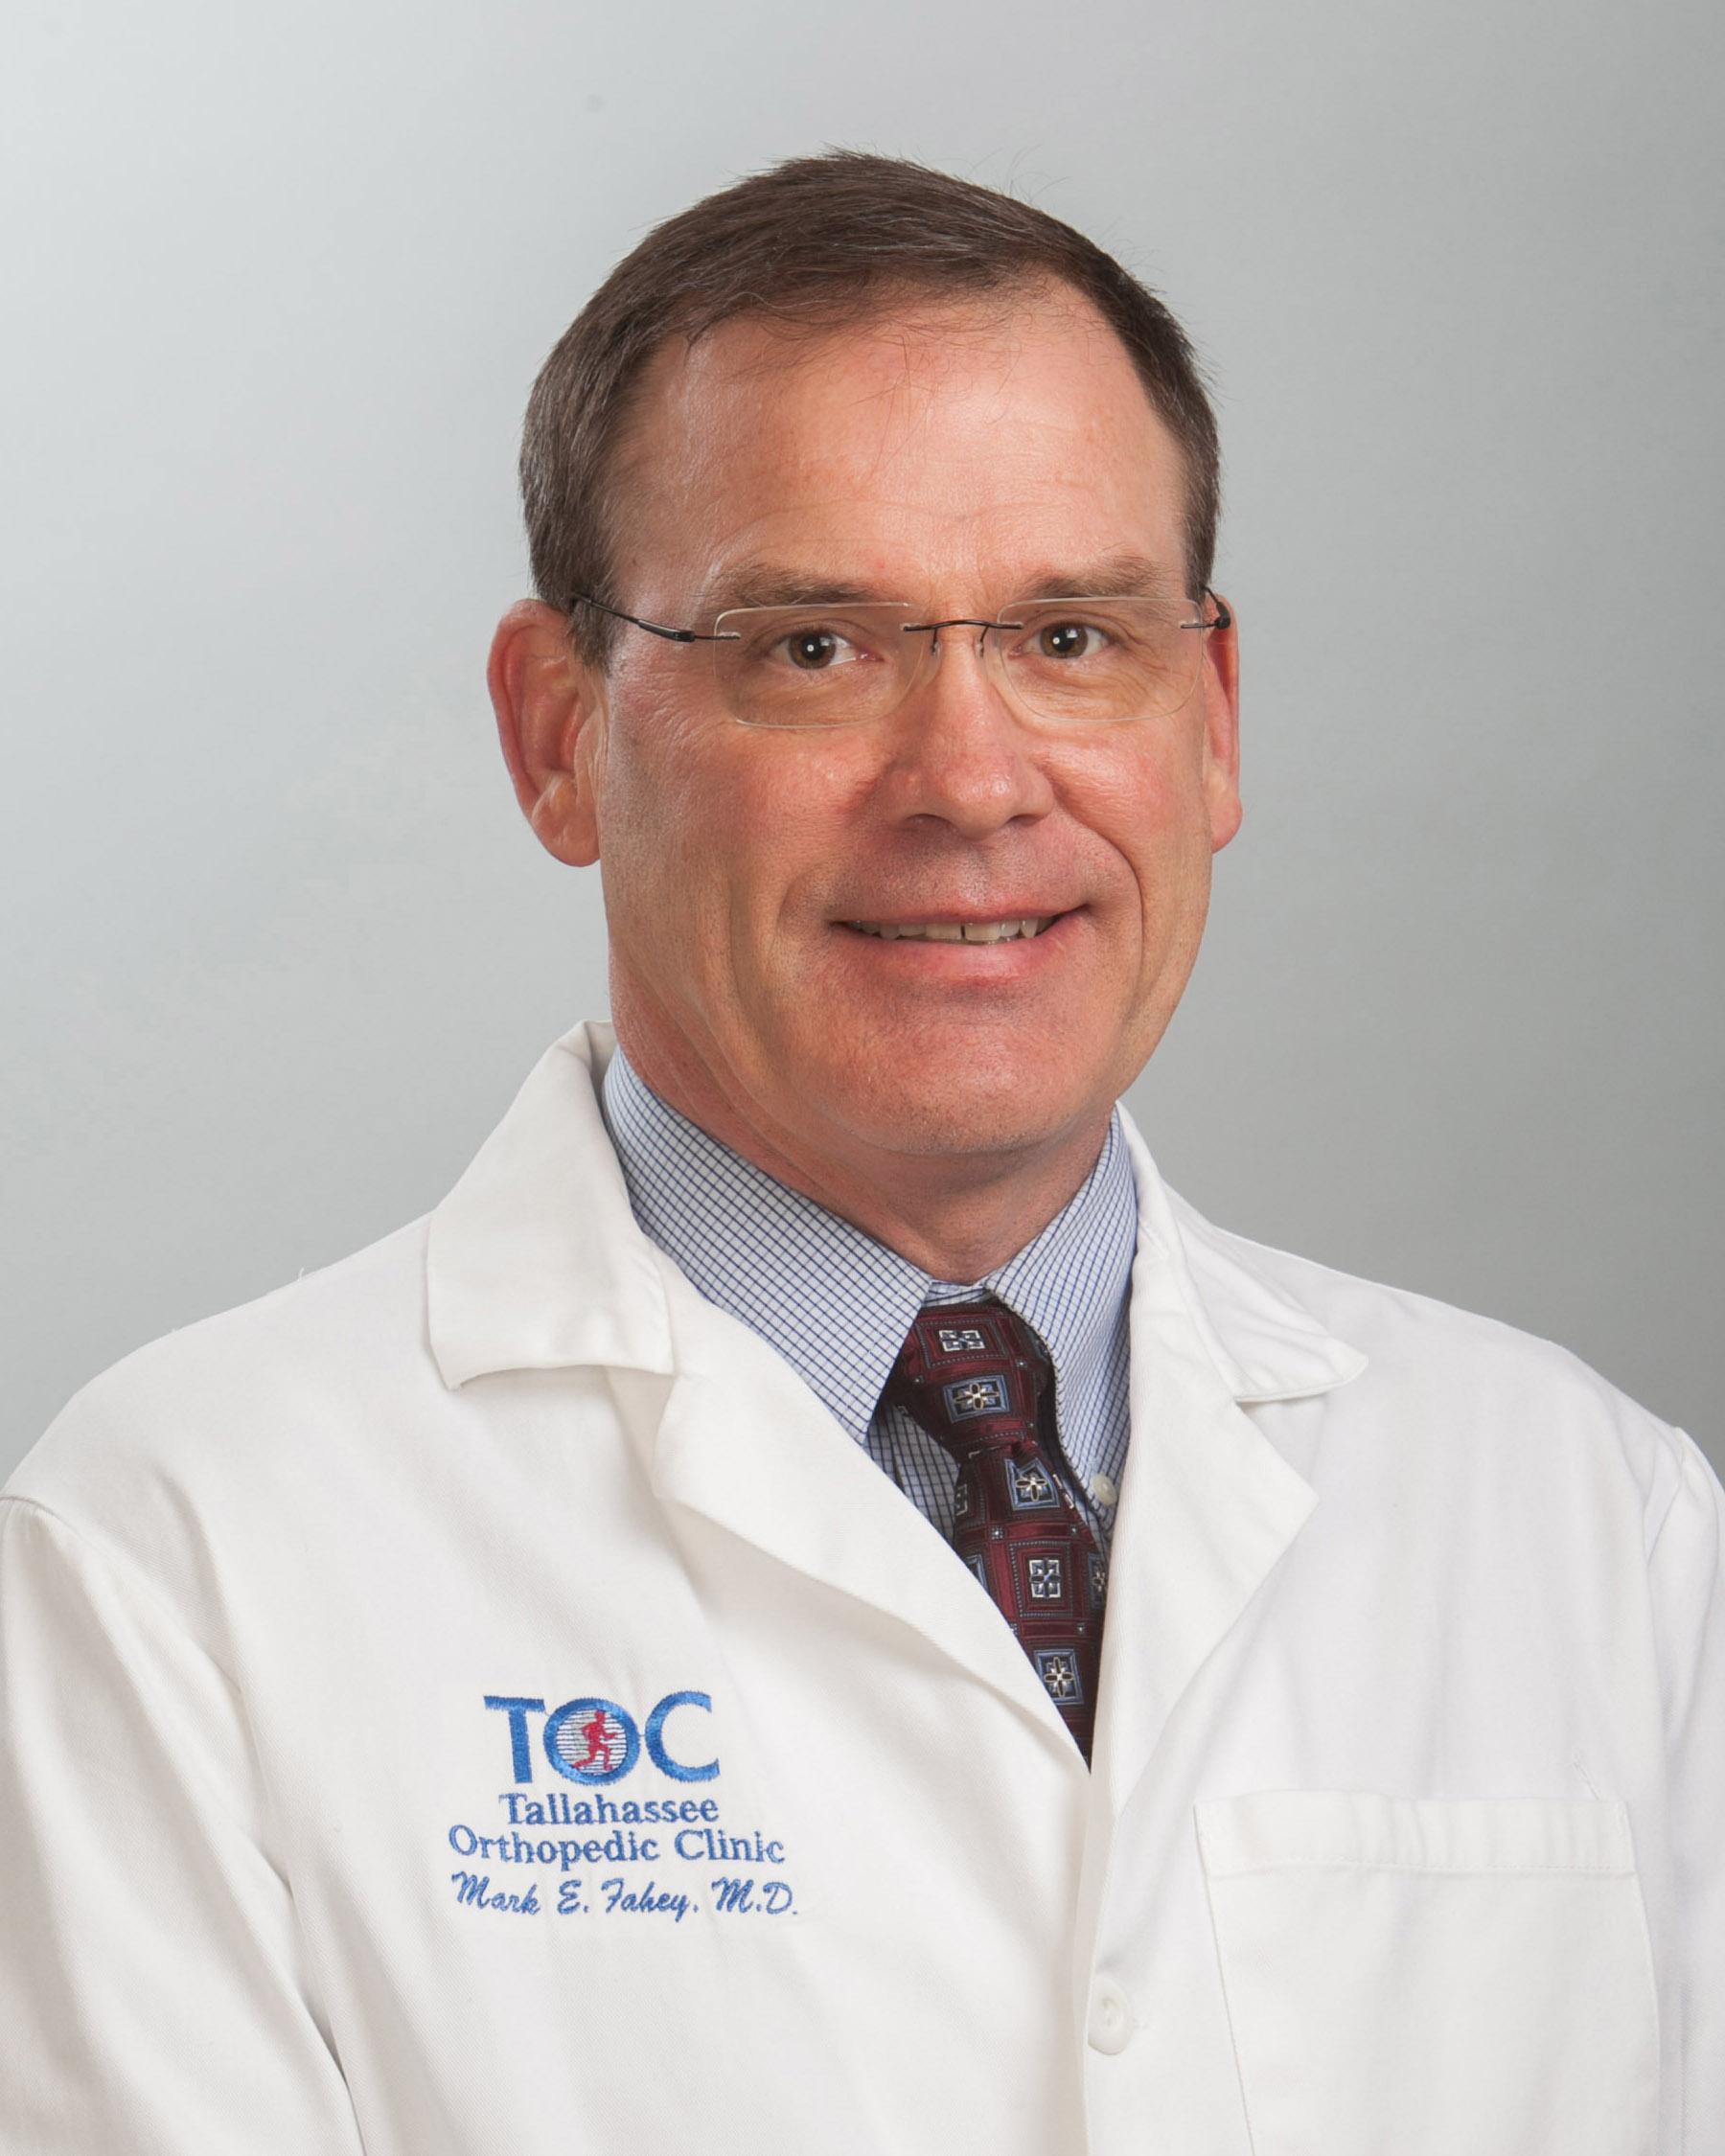 Mark E. Fahey, M.D.